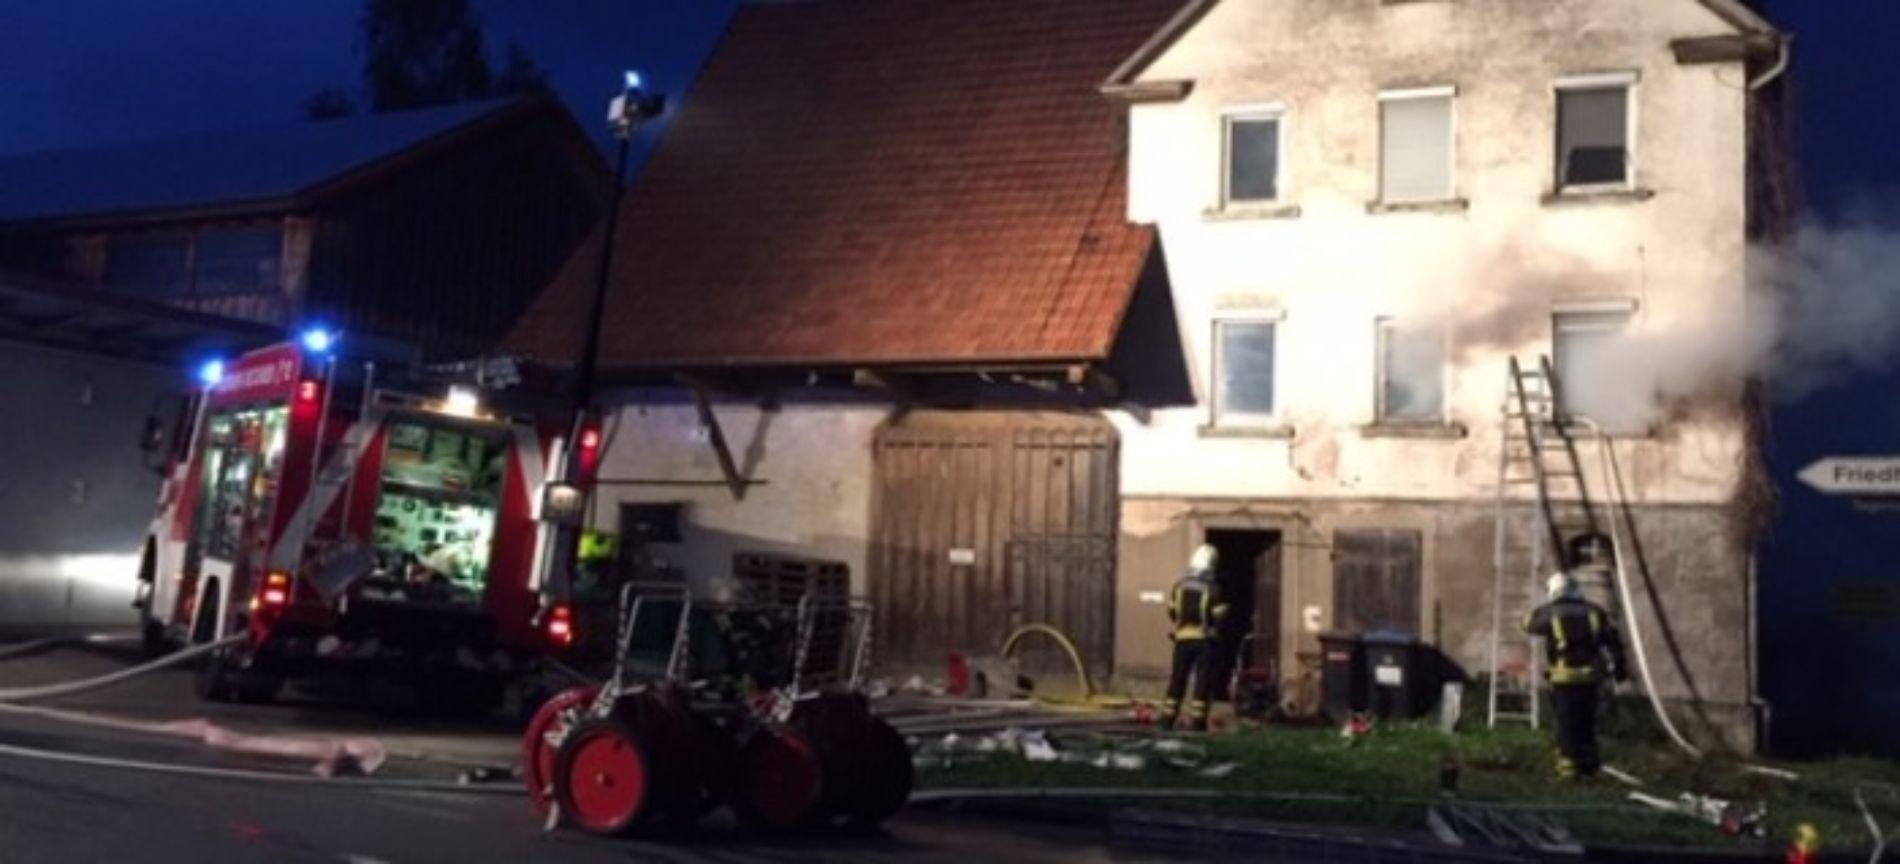 Einsatzübung der Feuerwehr Rommelsbach in einem alten Bauernhaus